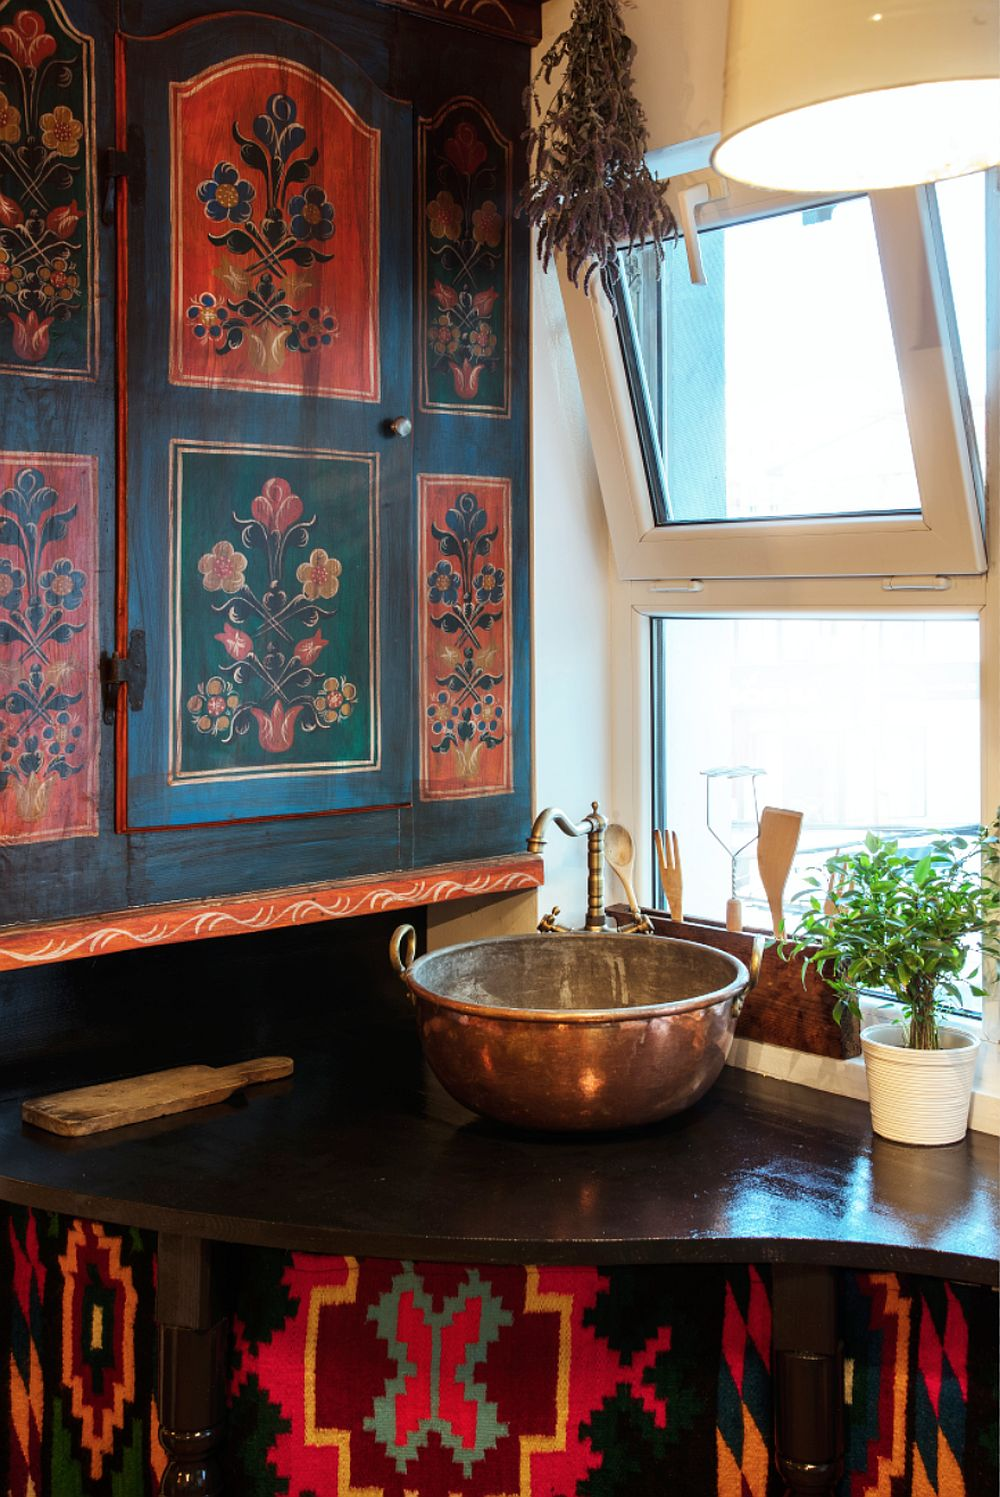 În dreptul ferestrei a fost plasată bucătăria, care este creativ amenajată. Locul pentru chiuvetă este în fața ferestrei fixe, iar în lateral peretele este placat cu uți vechid e dulap pictate din colecția artistei. Ea le-a cumpărat cu ceva ani în urmă de la un târg de vechituri și acum le-a găsit locul. Chiuveta este realizată pe șantier dintr-un vas vechi de la bunica ei.